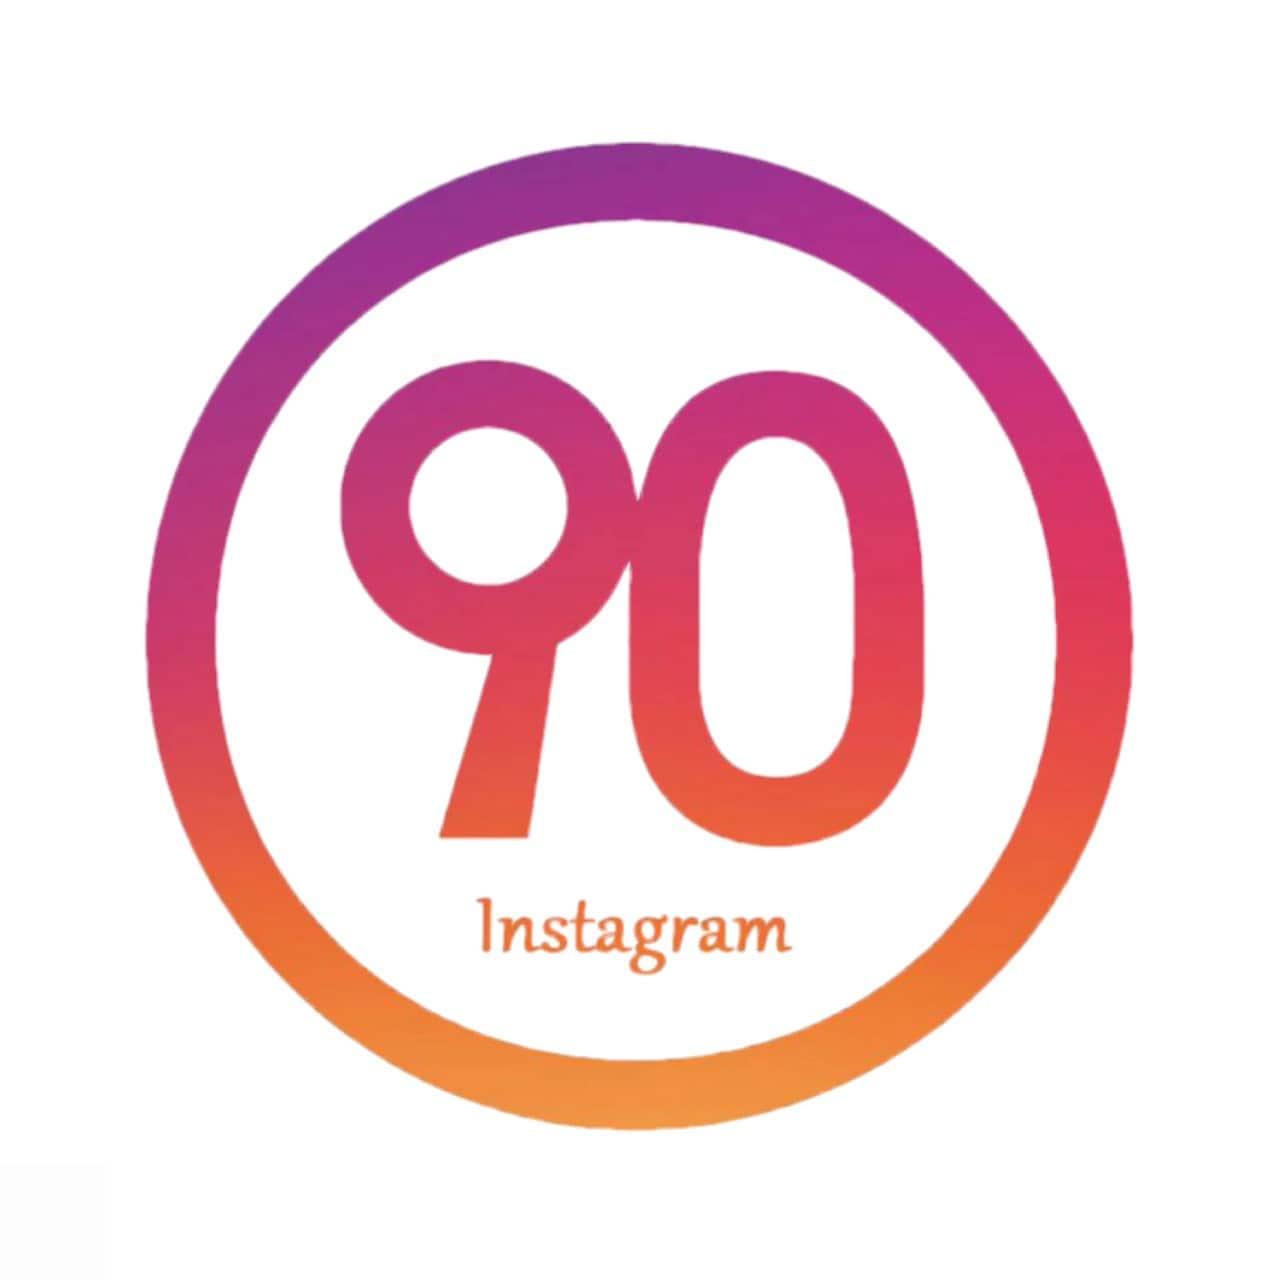 きゅーまる 90年会 インスタグラム